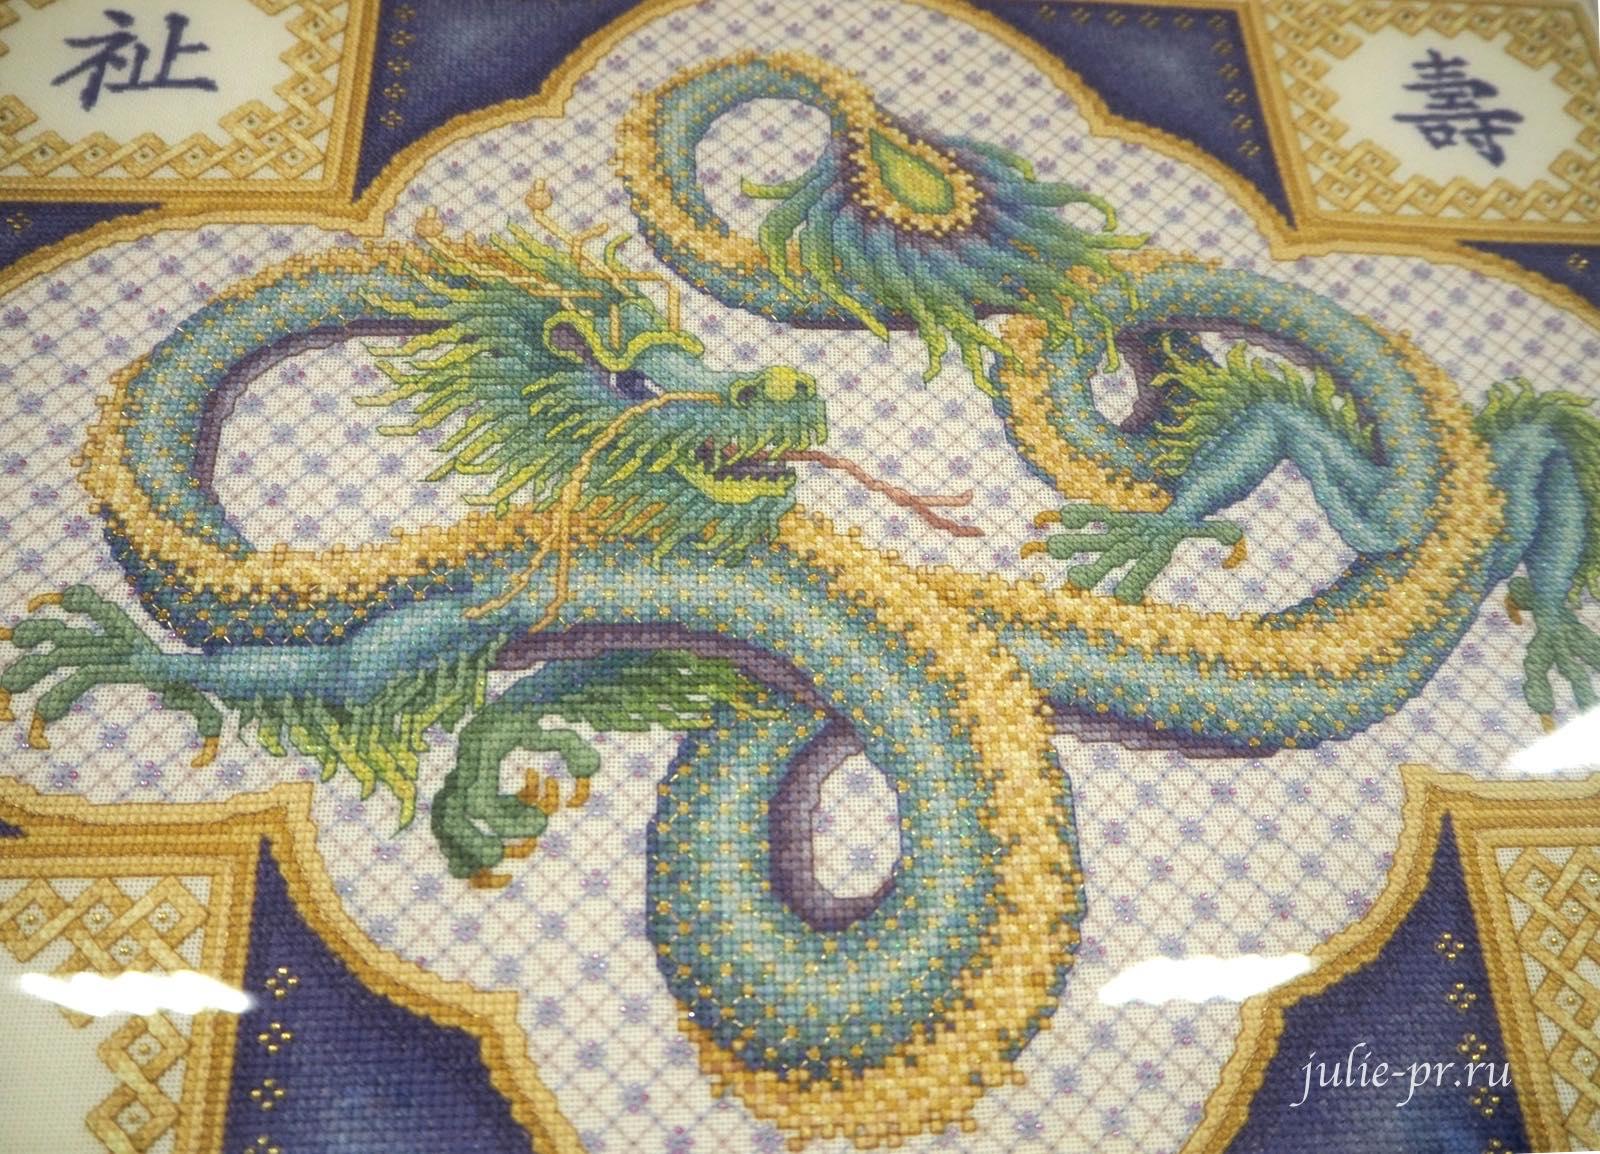 Тереза Венцлер, вышивка крестом, Teresa Wentzler, Celestial Dragon, Восточный дракон